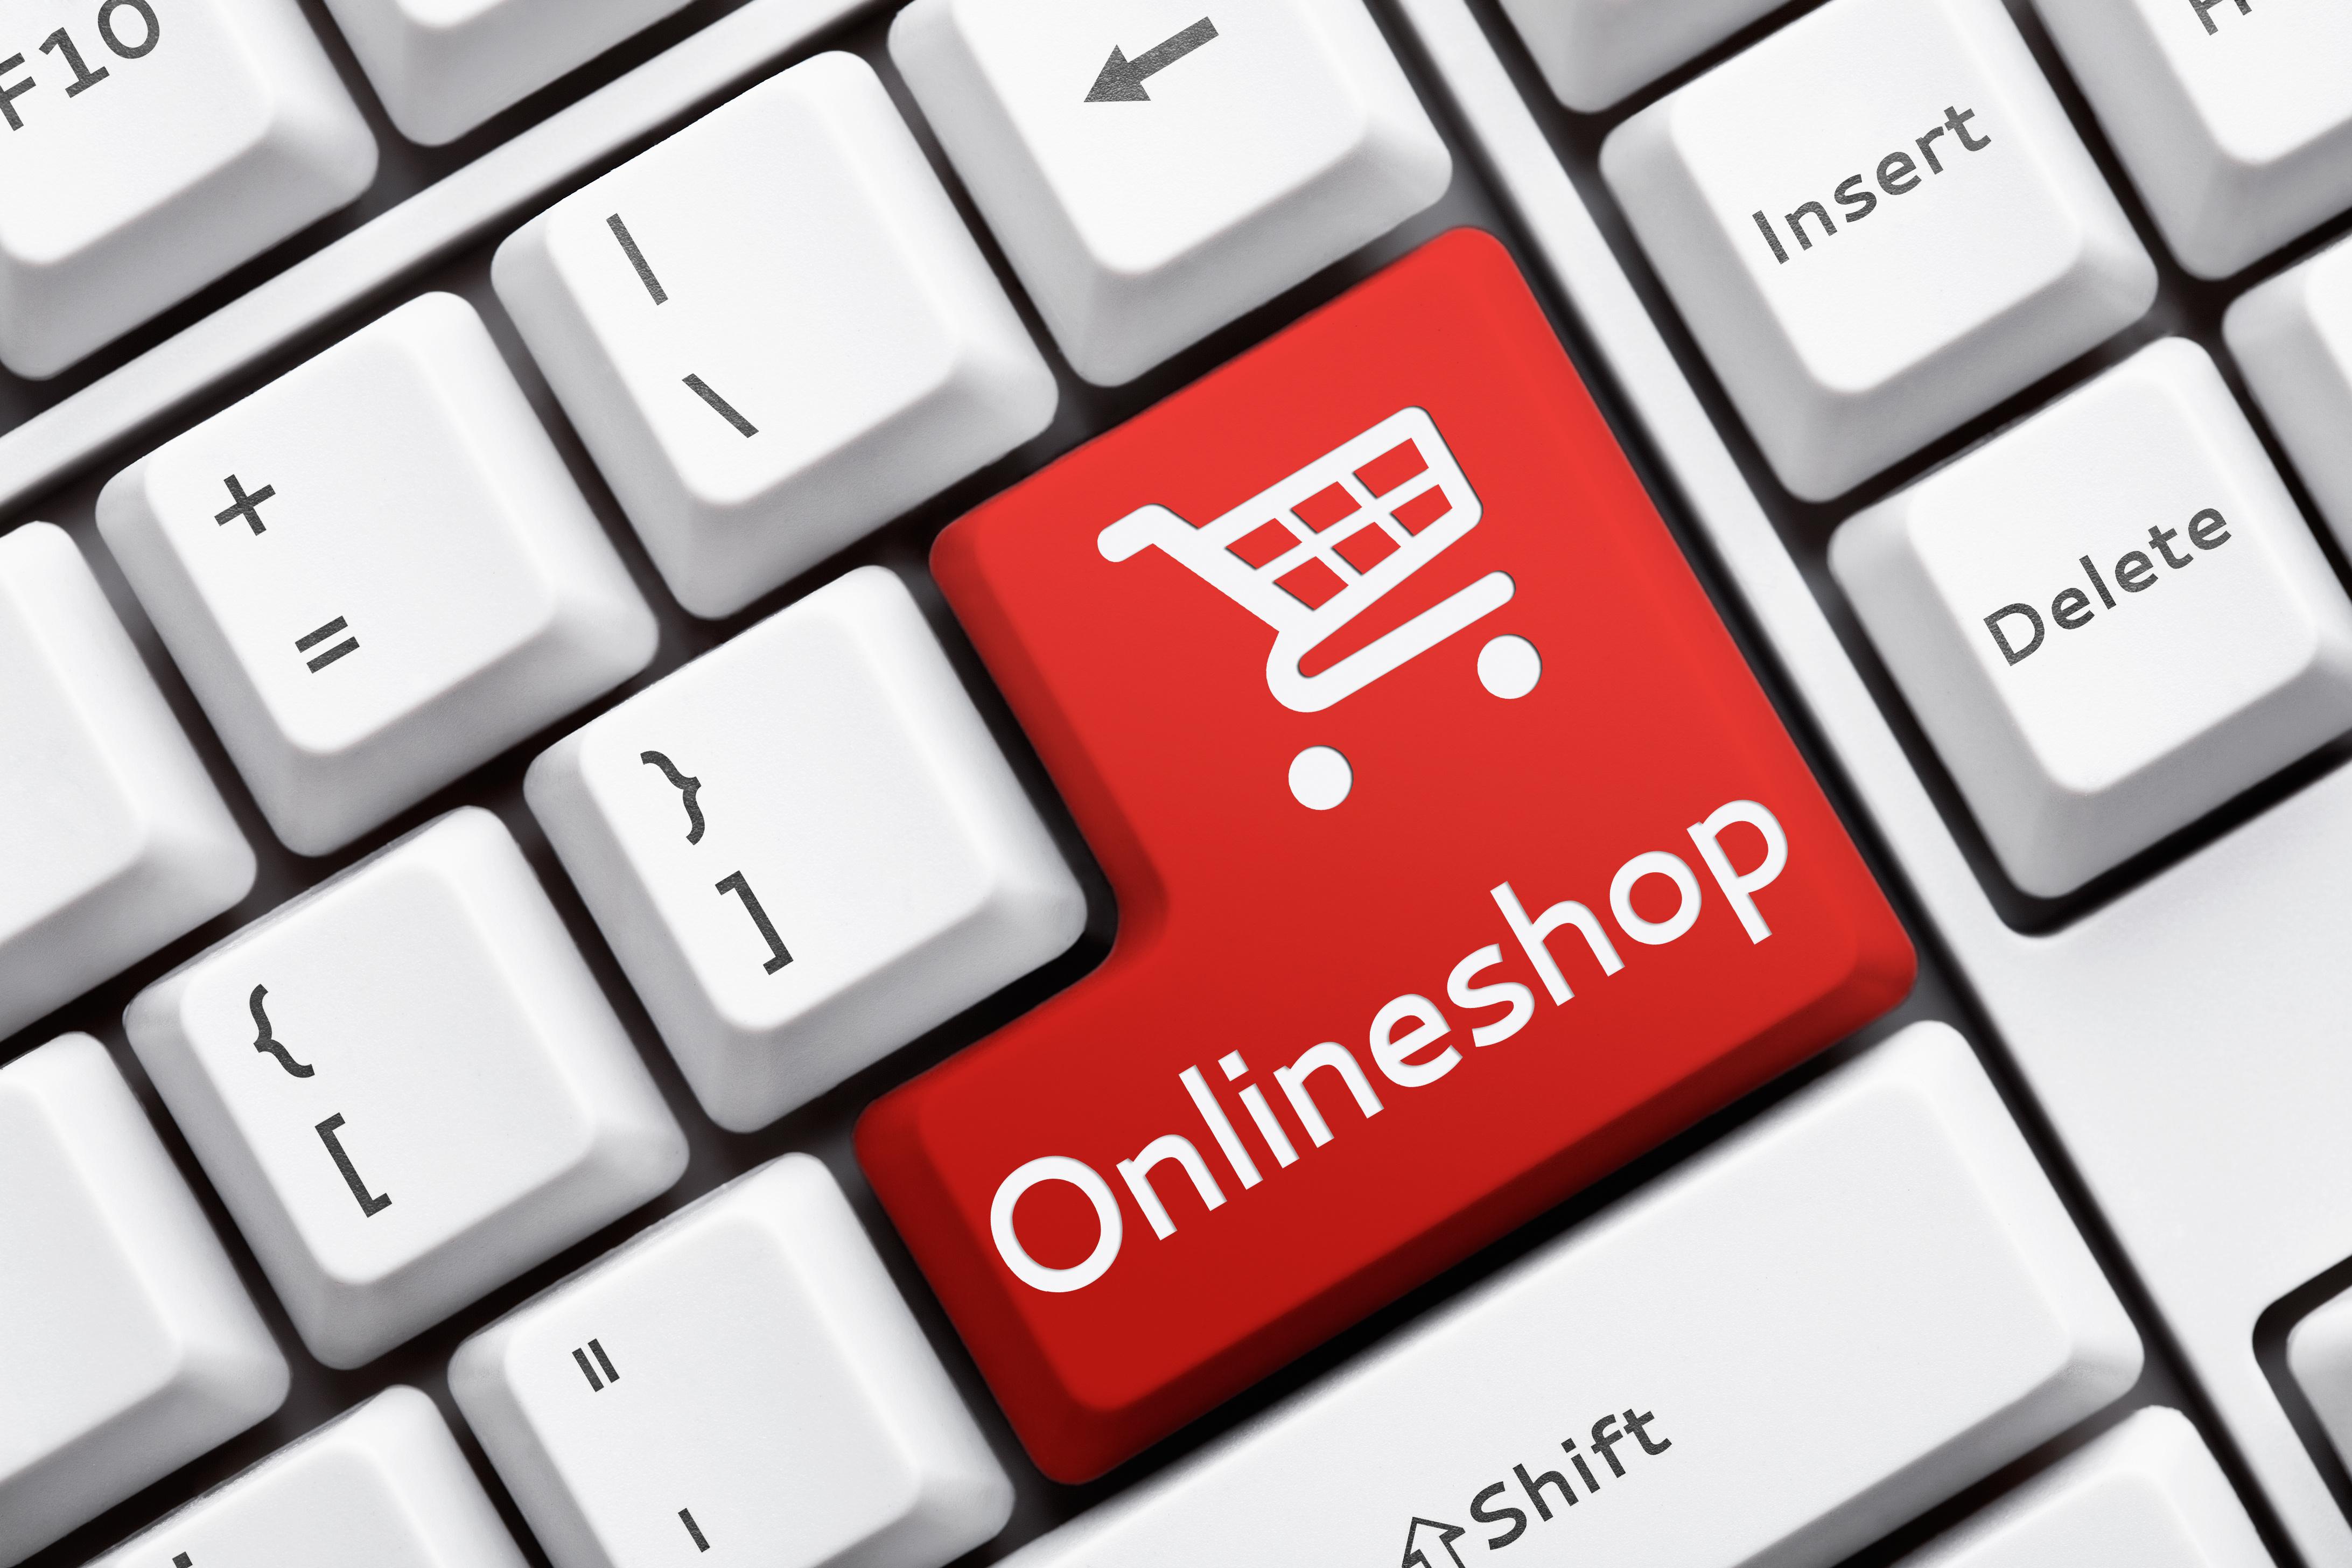 онлайн магазин продажи металлопроката